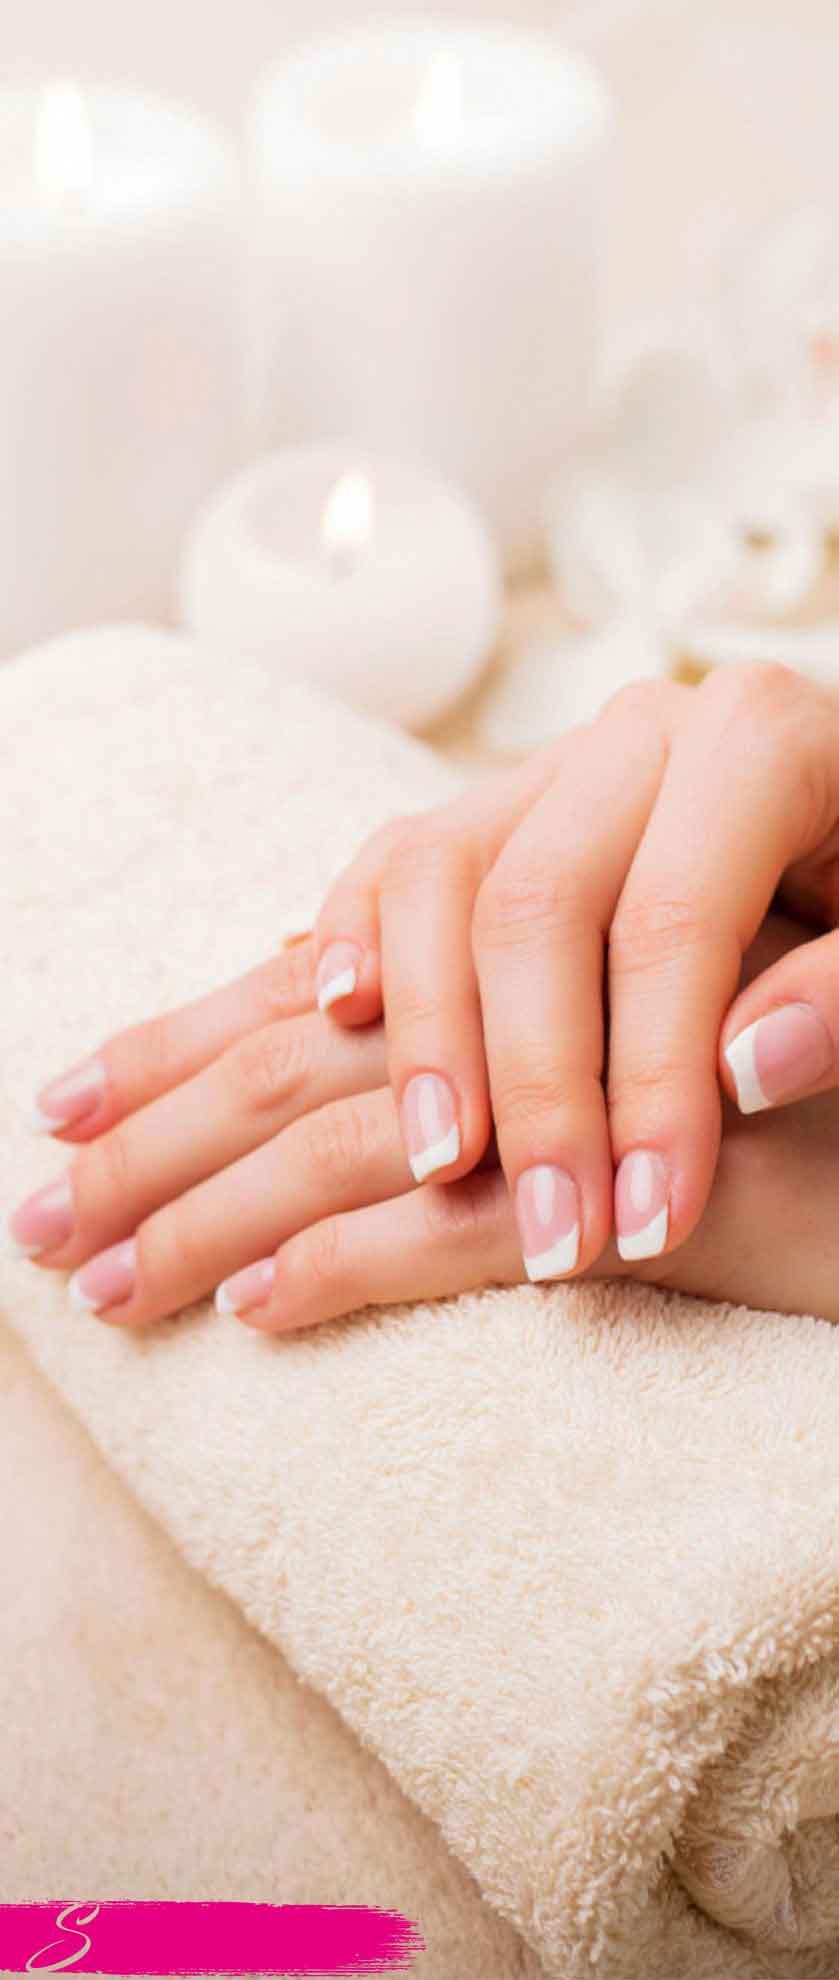 estetista-ciampino-sensazione-manicure-pedicure